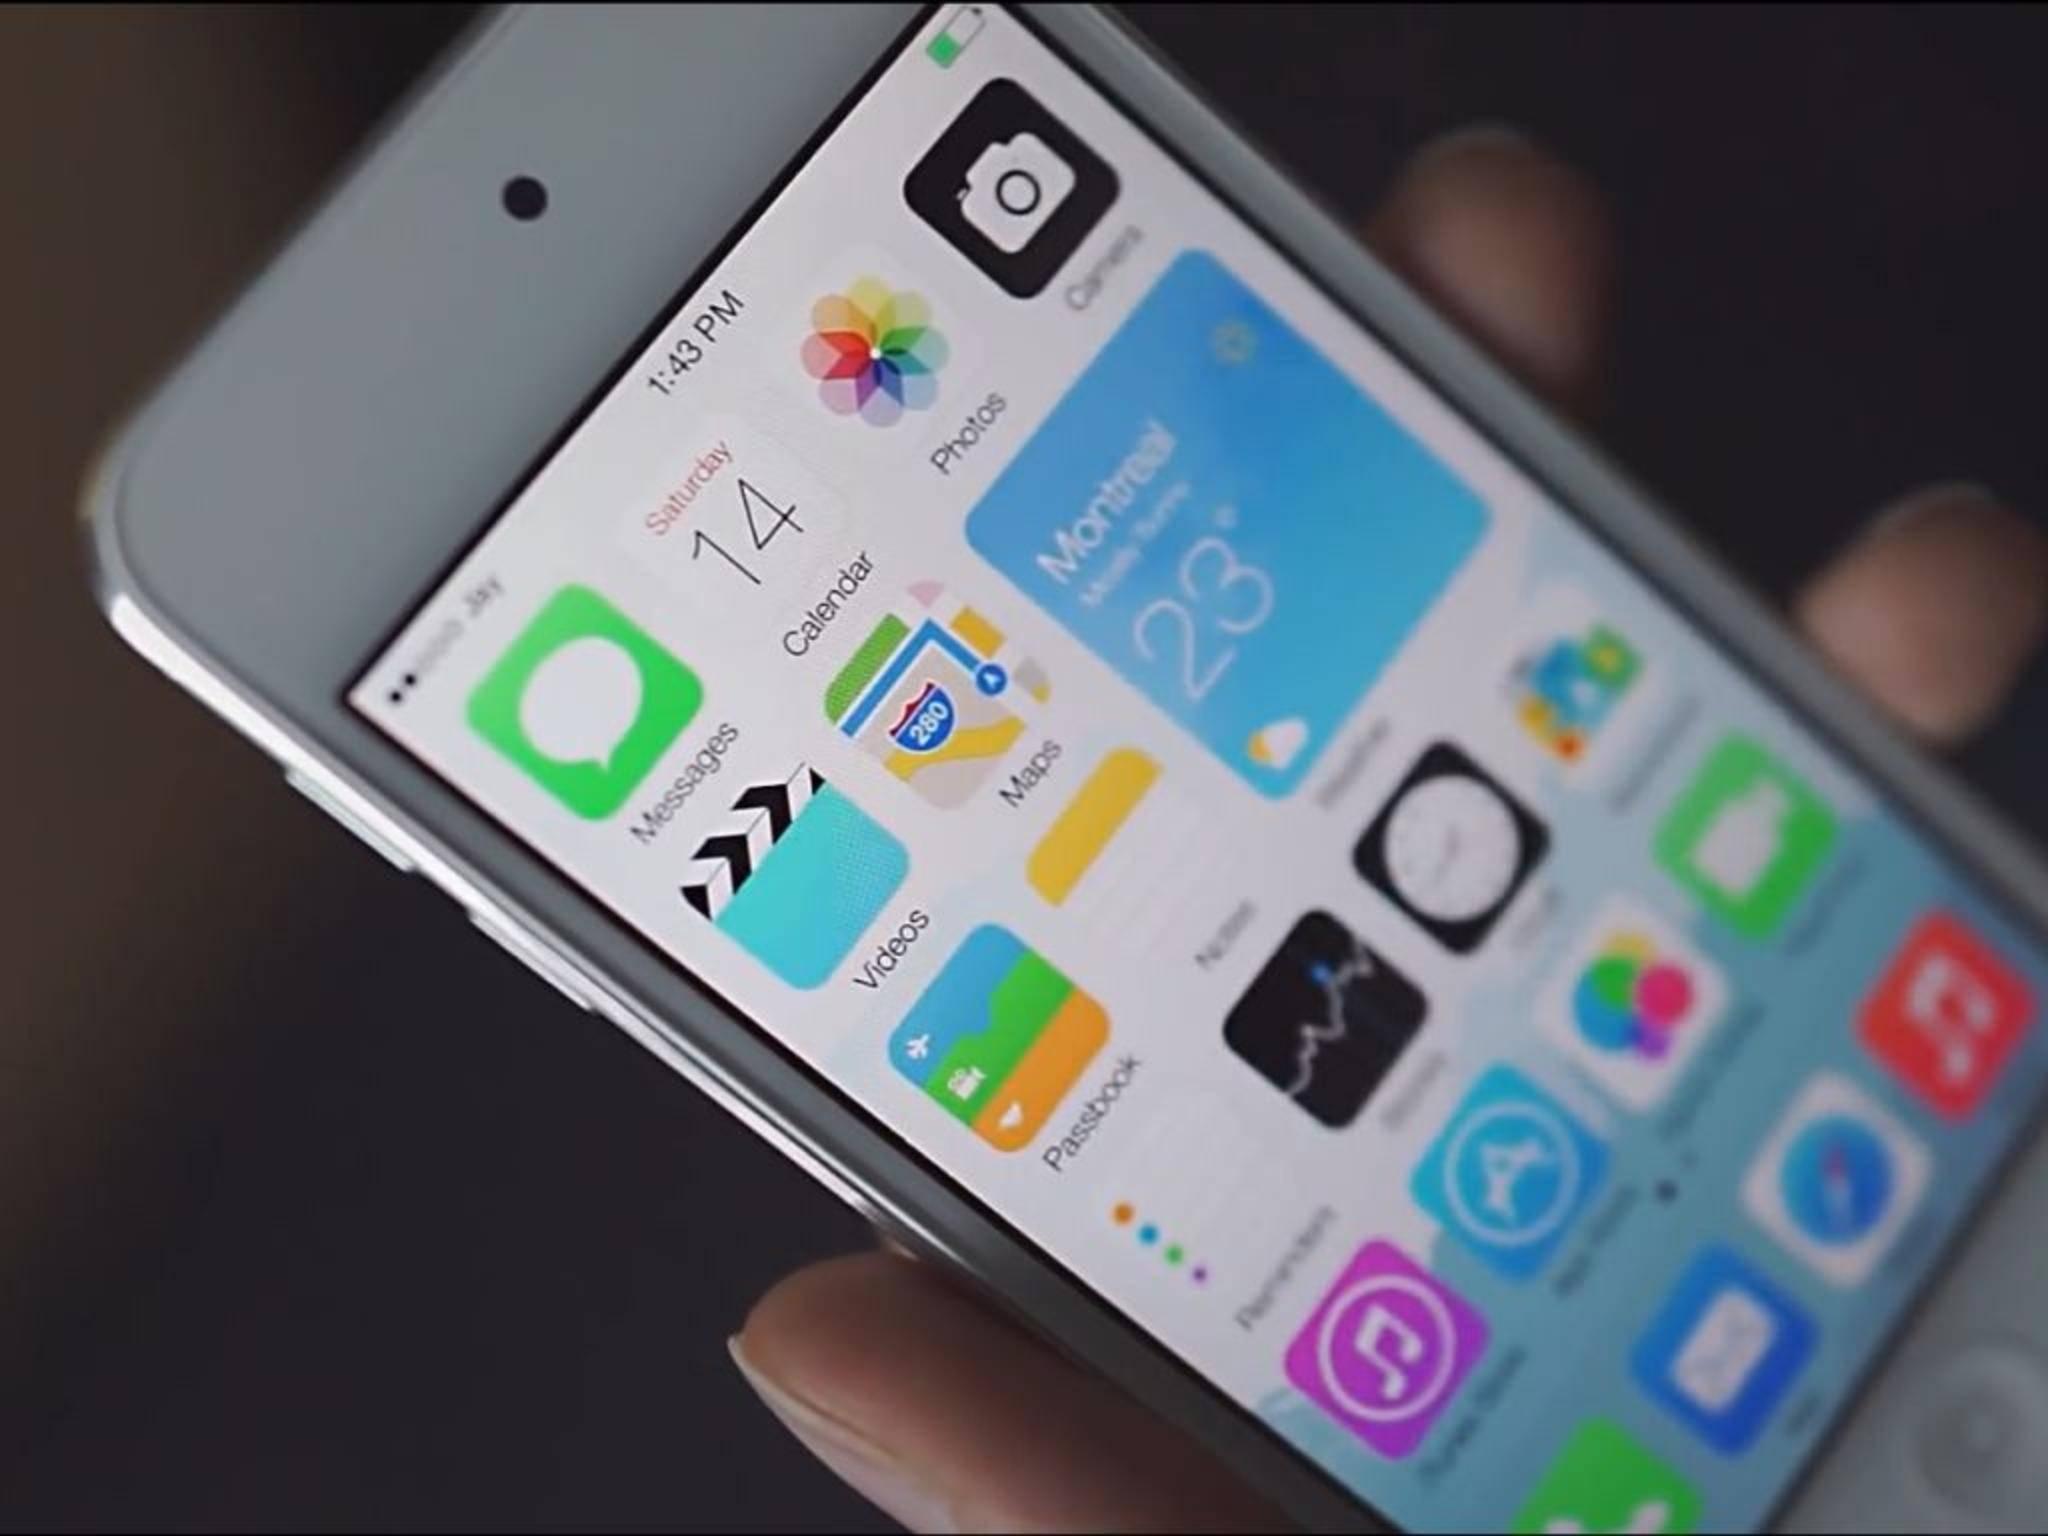 Es gibt eine Menge iOS-Apps, die besser sind als die von Apple.